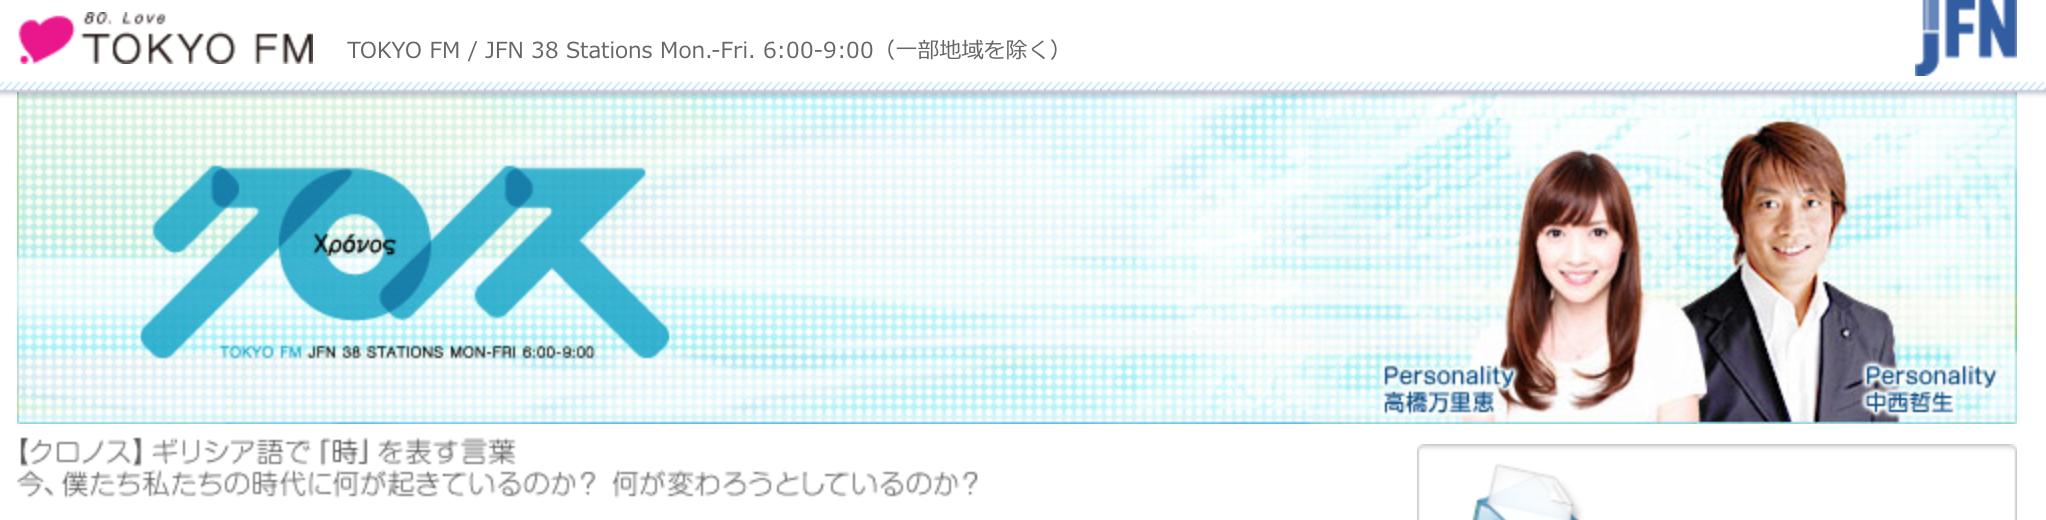 スクリーンショット 2016-02-05 16.43.11